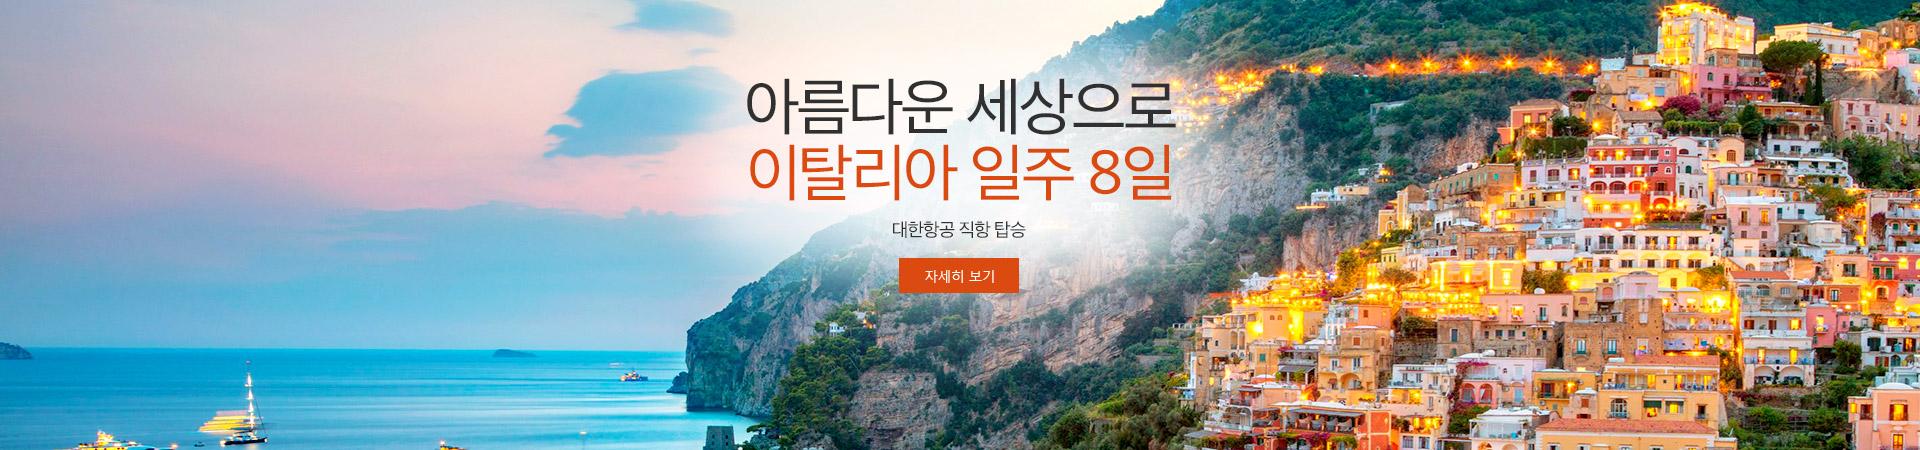 [알뜰] <최고인기>[포지타노+인솔자동행][KE] 이태리 완전일주 8일